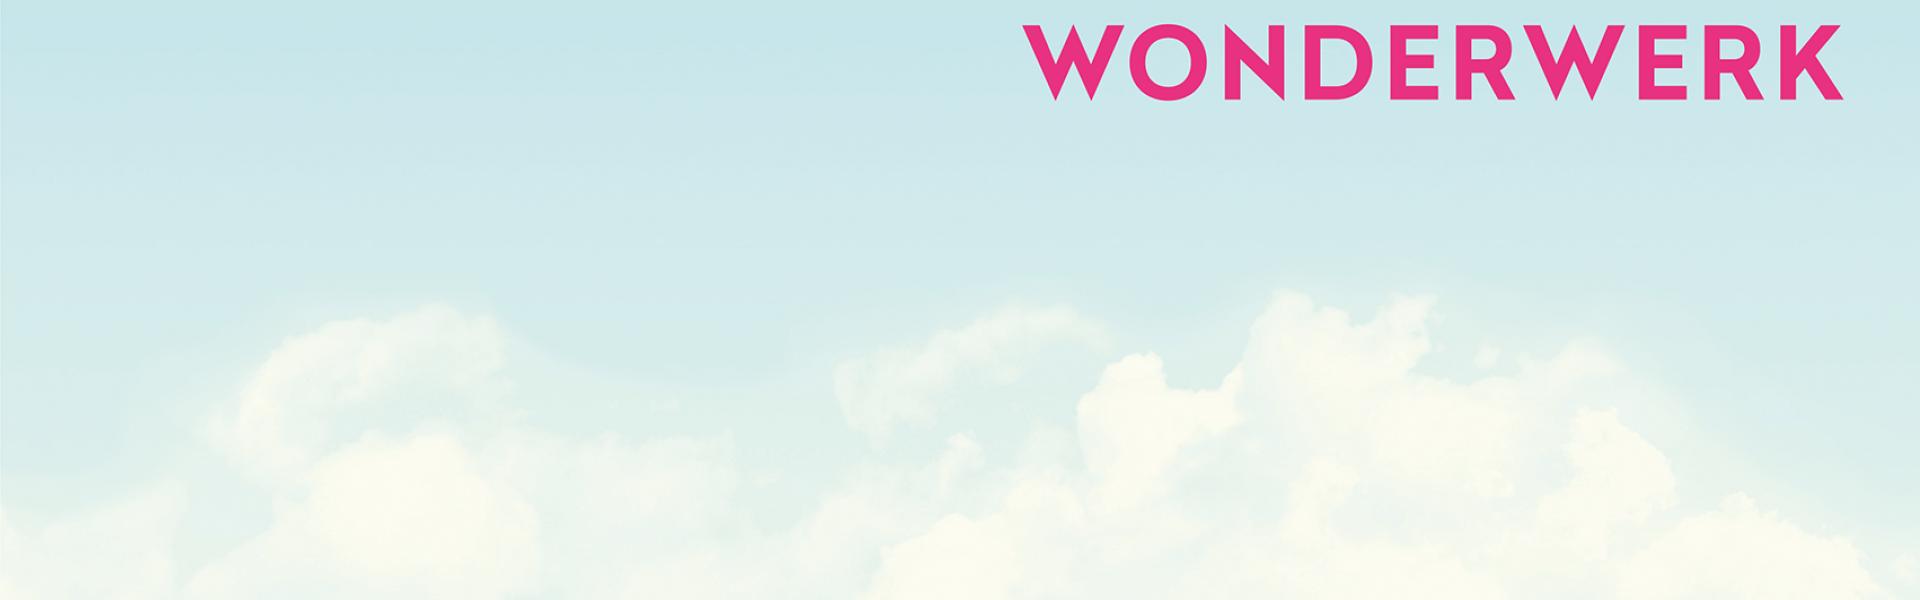 Wonderwerk Consulting GmbH cover